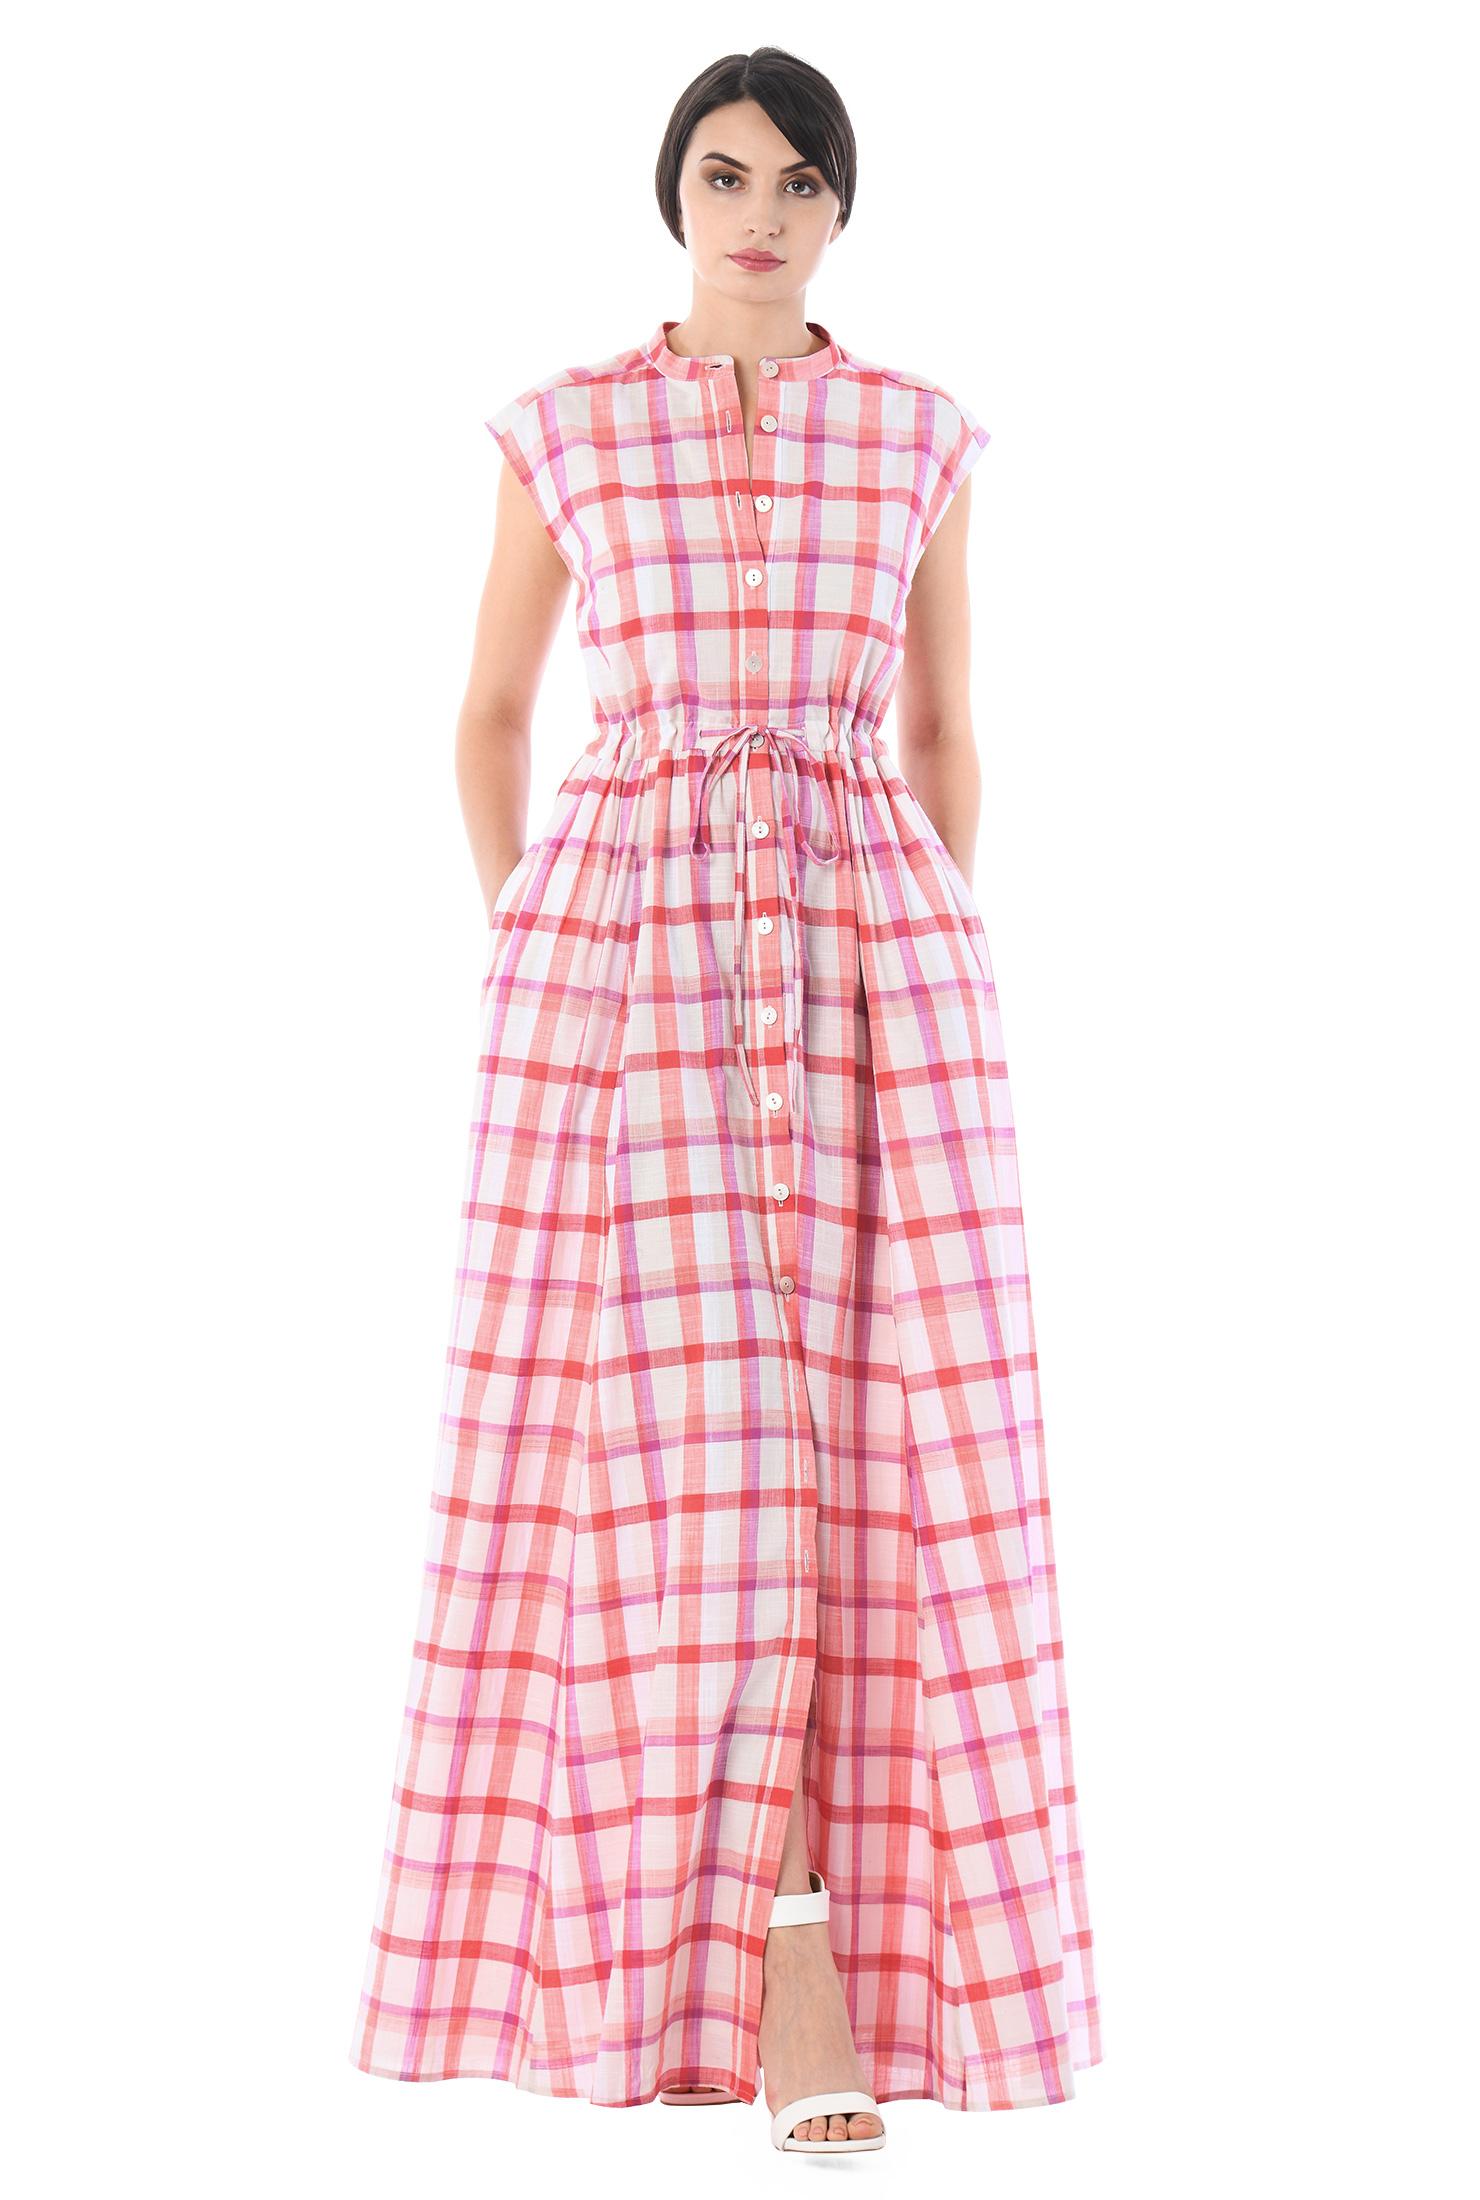 b34fc347a Women s Fashion Clothing 0-36W and Custom